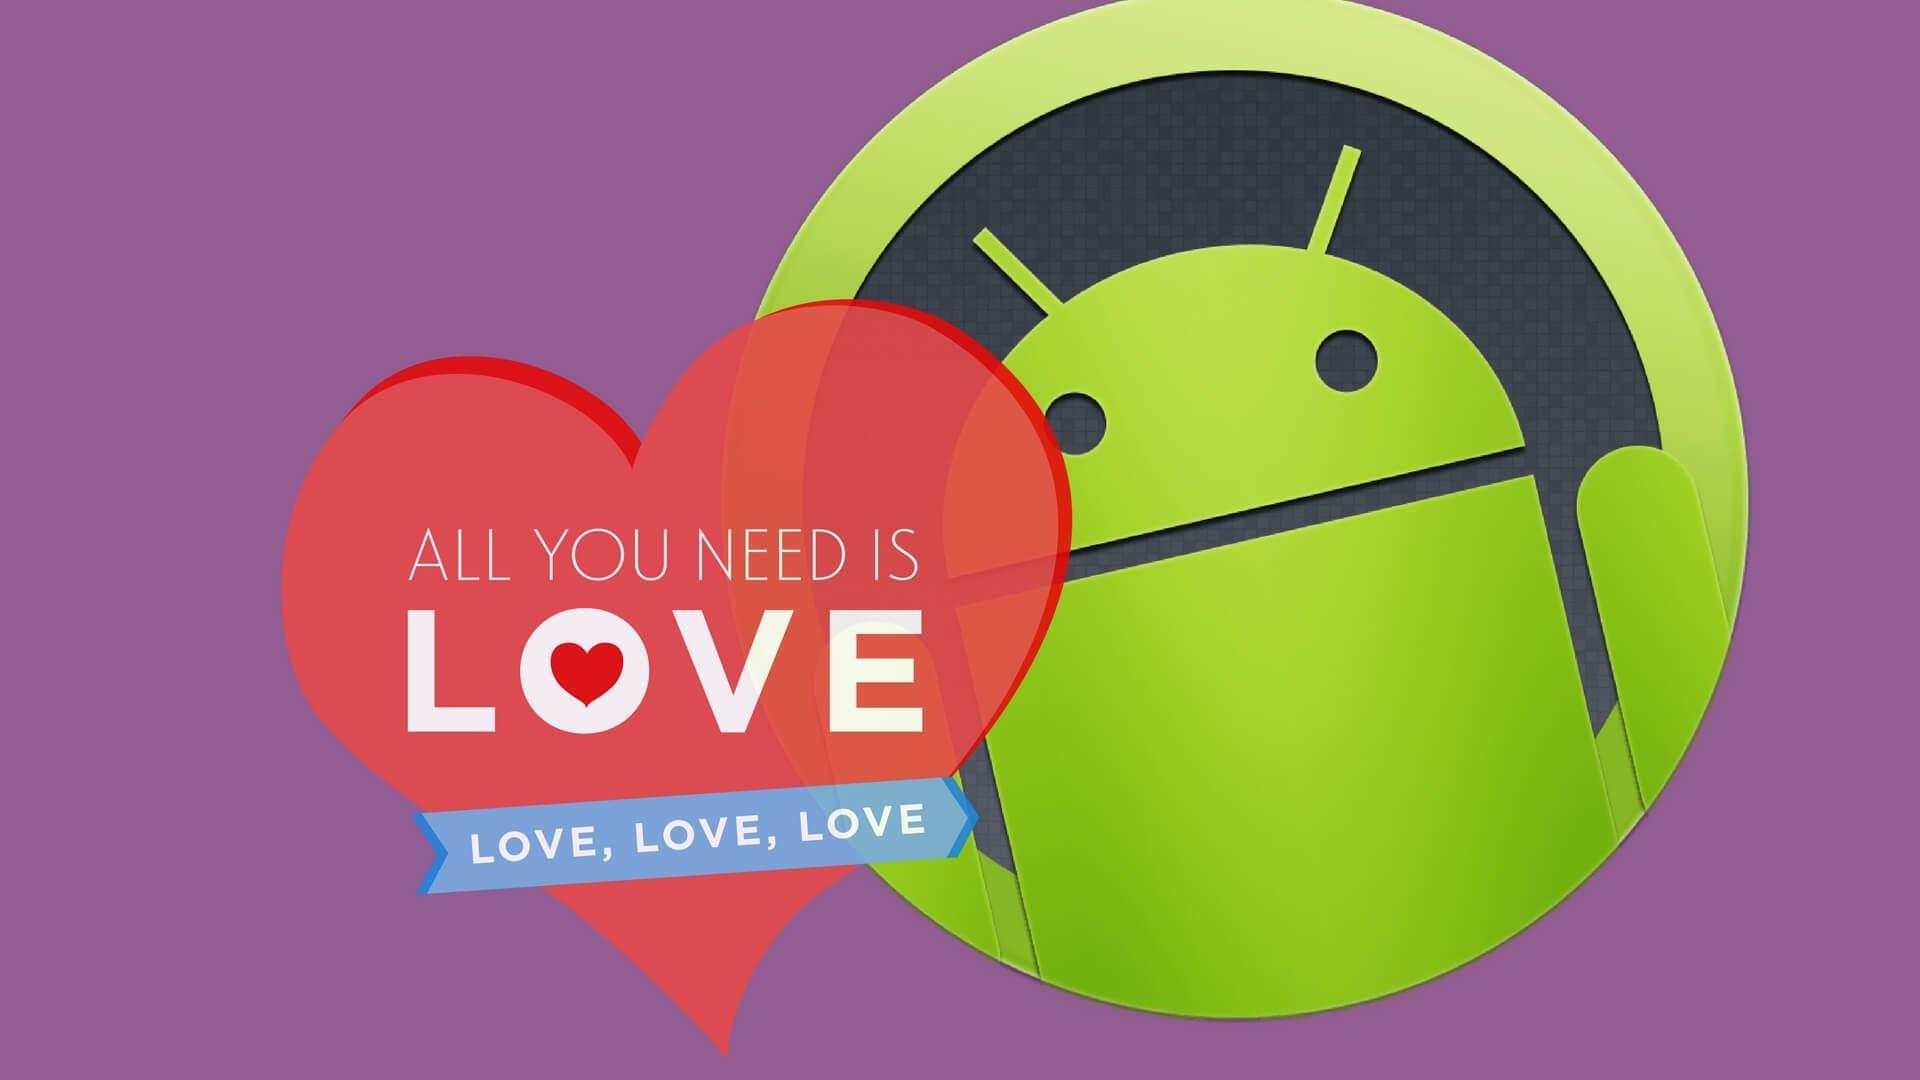 Warum Android-Entwickler gerade die Lieblinge der IT-Branche sind